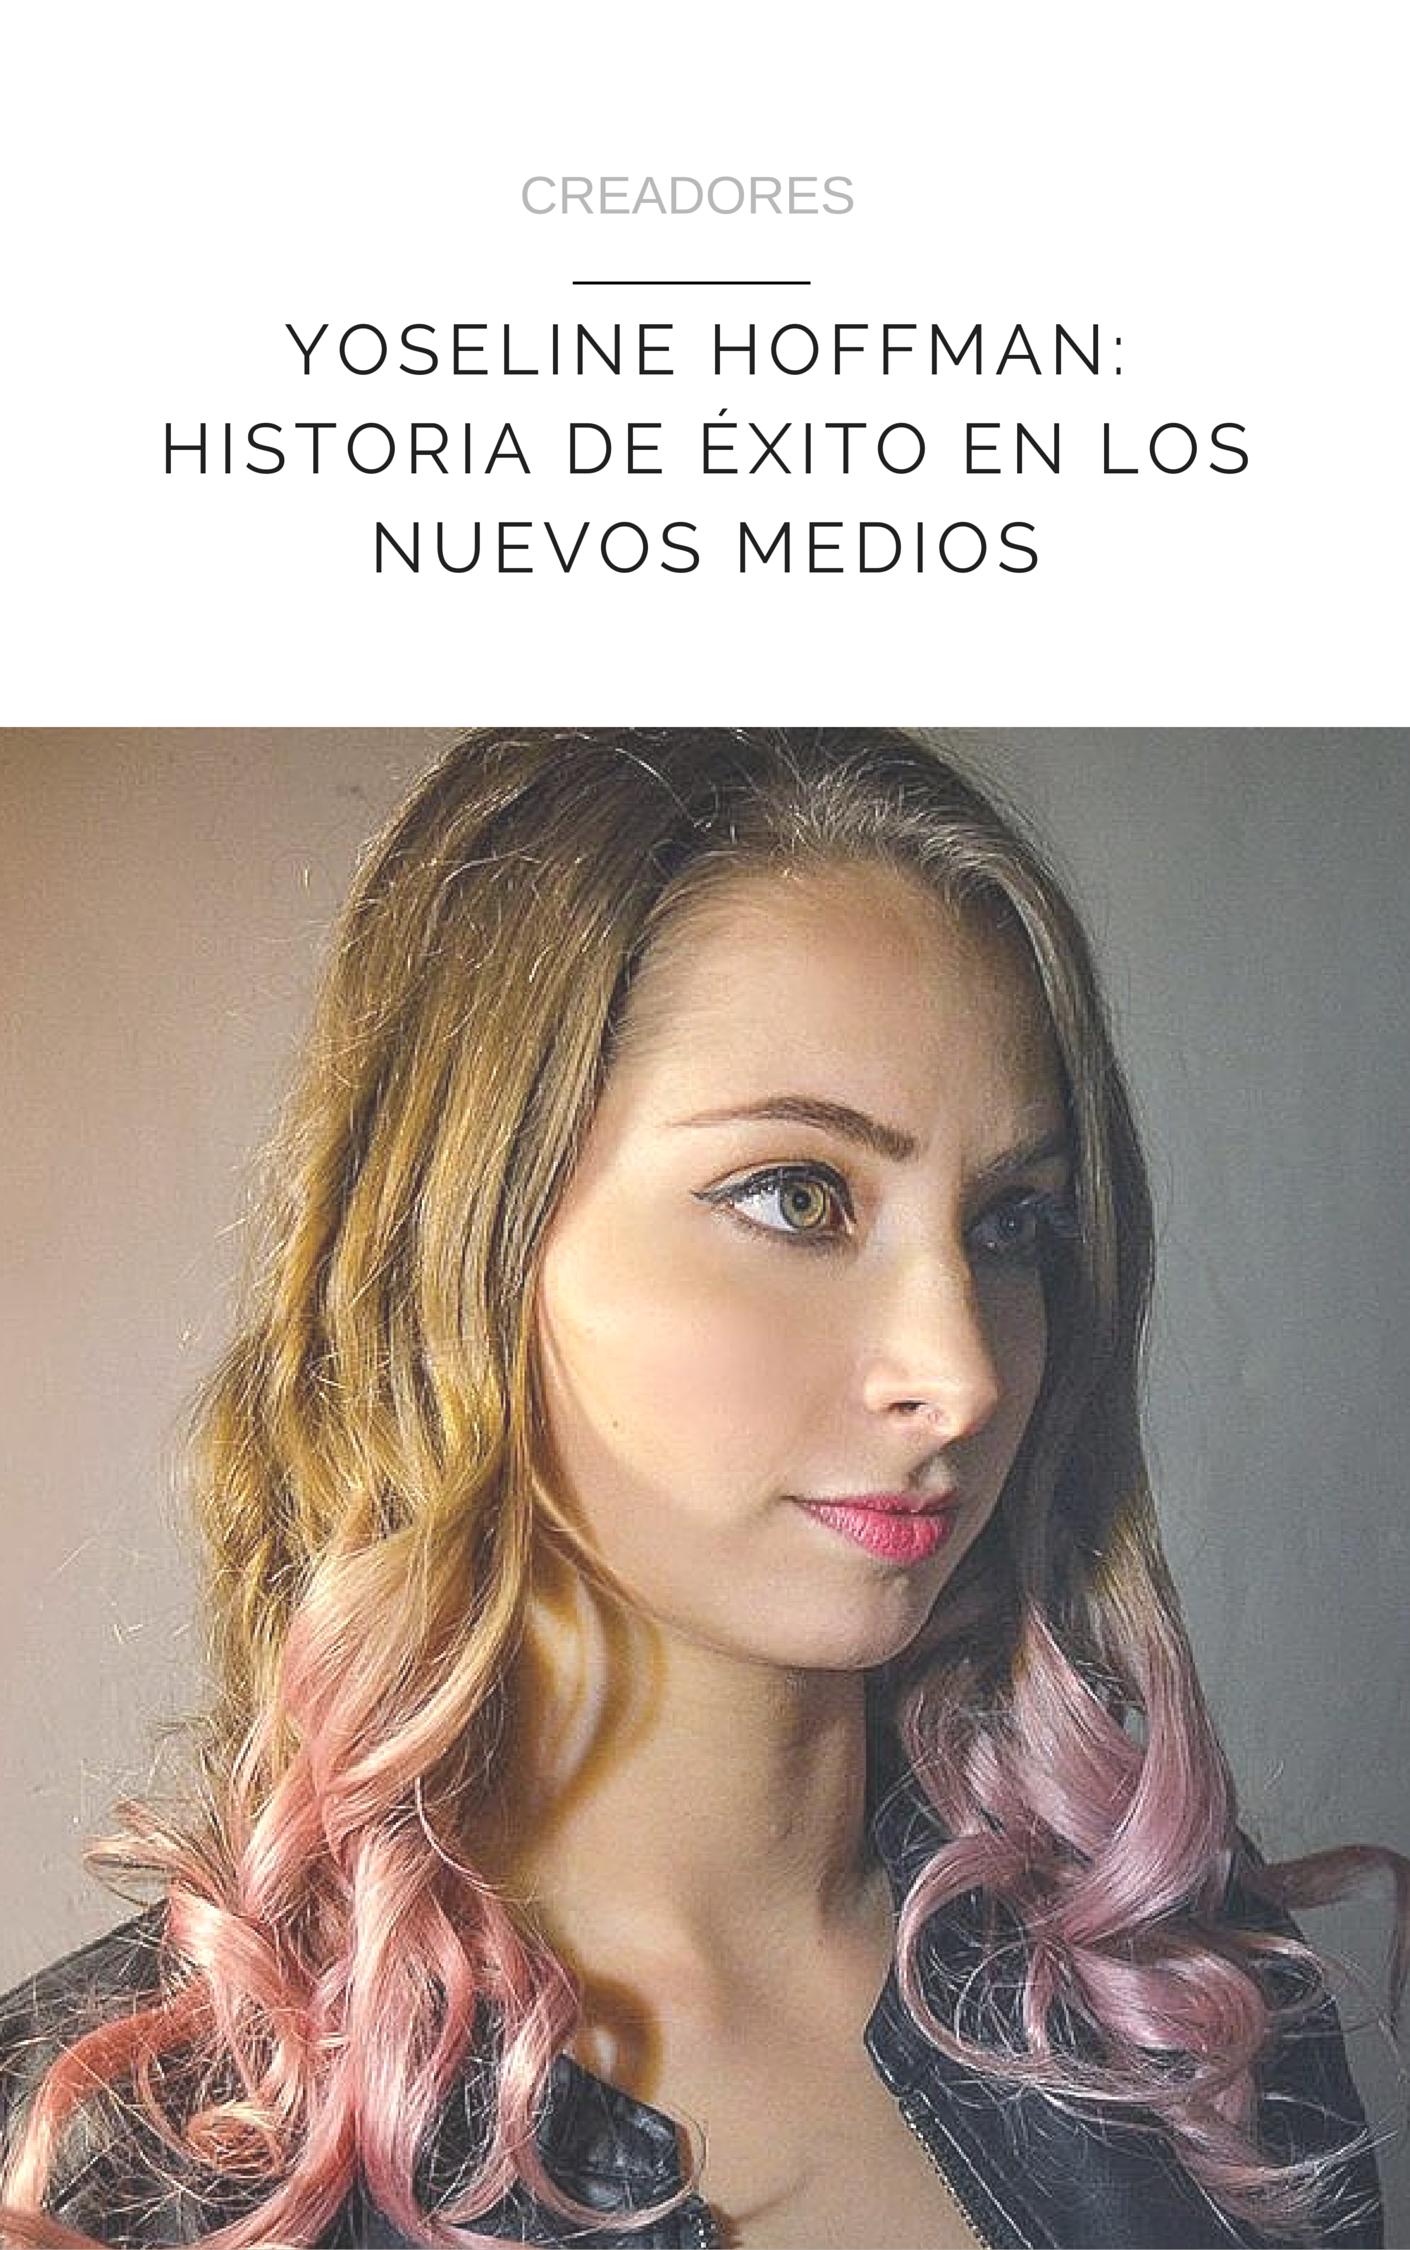 YOSELINE HOFFMAN:HISTORIA DE ÉXITO EN LOS NUEVOS MEDIOS